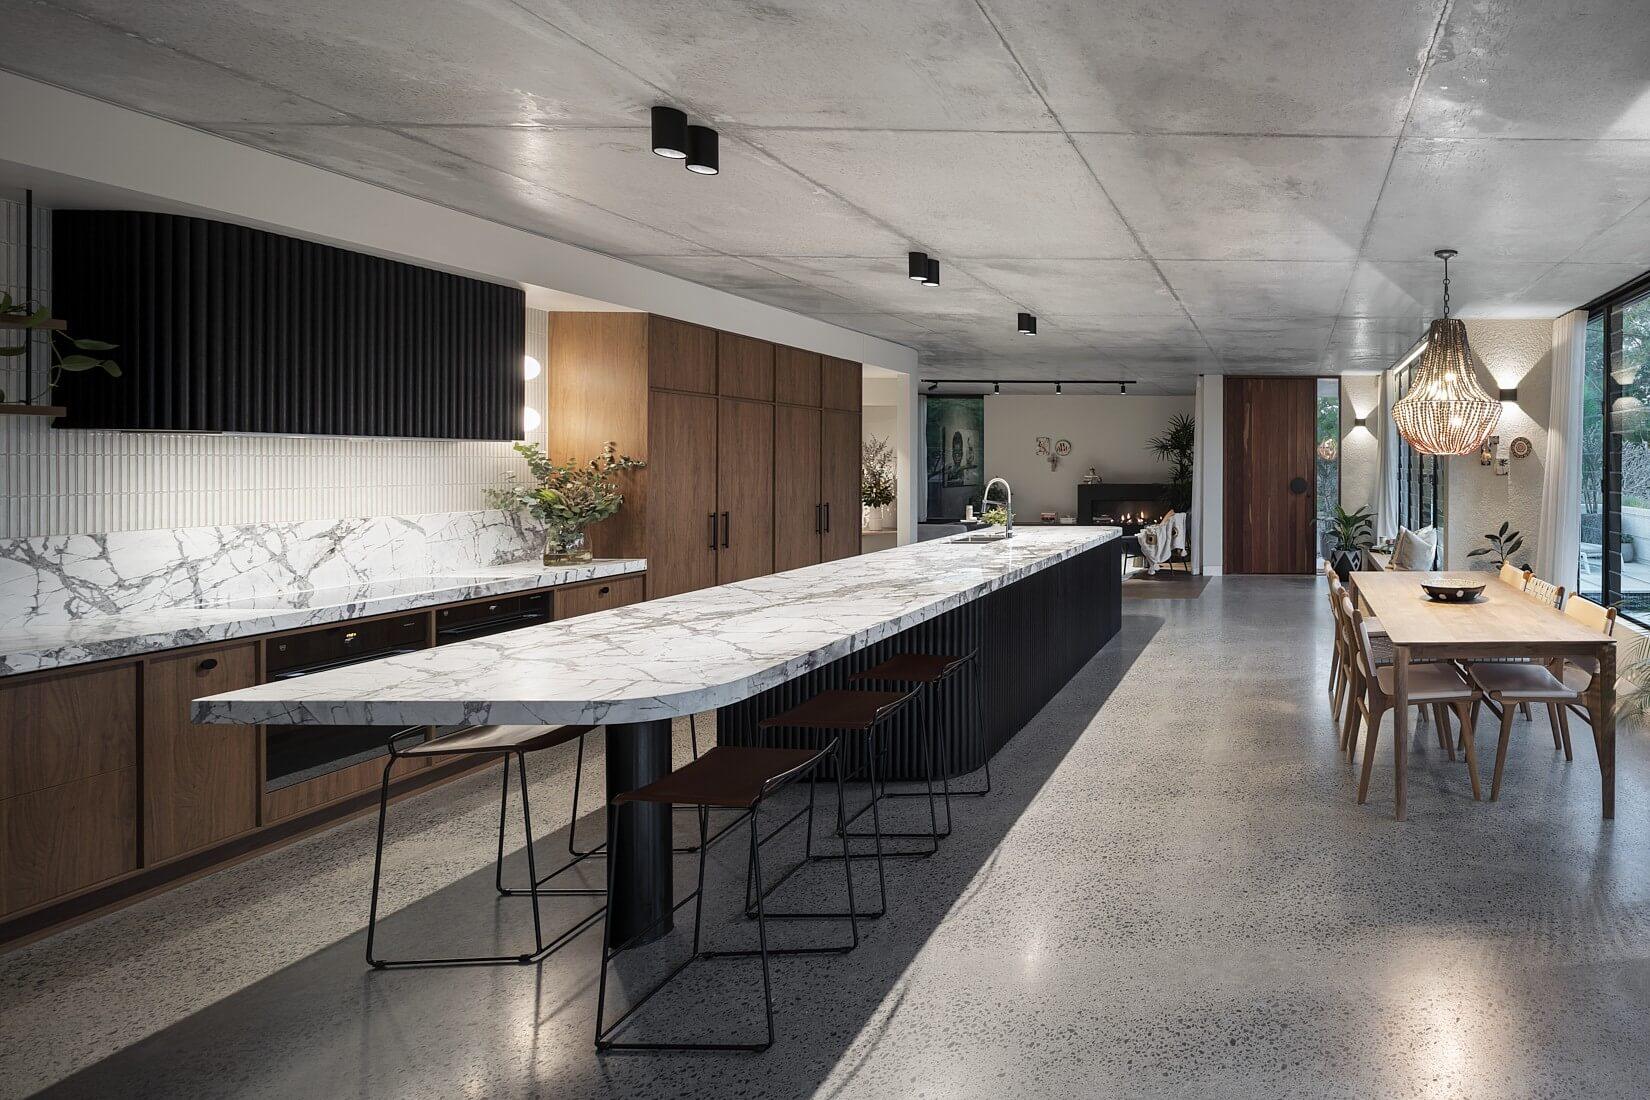 DESIGNER GRAYHAUS YERONGA HOME SELLS AT AUCTION - INNER IMAGE